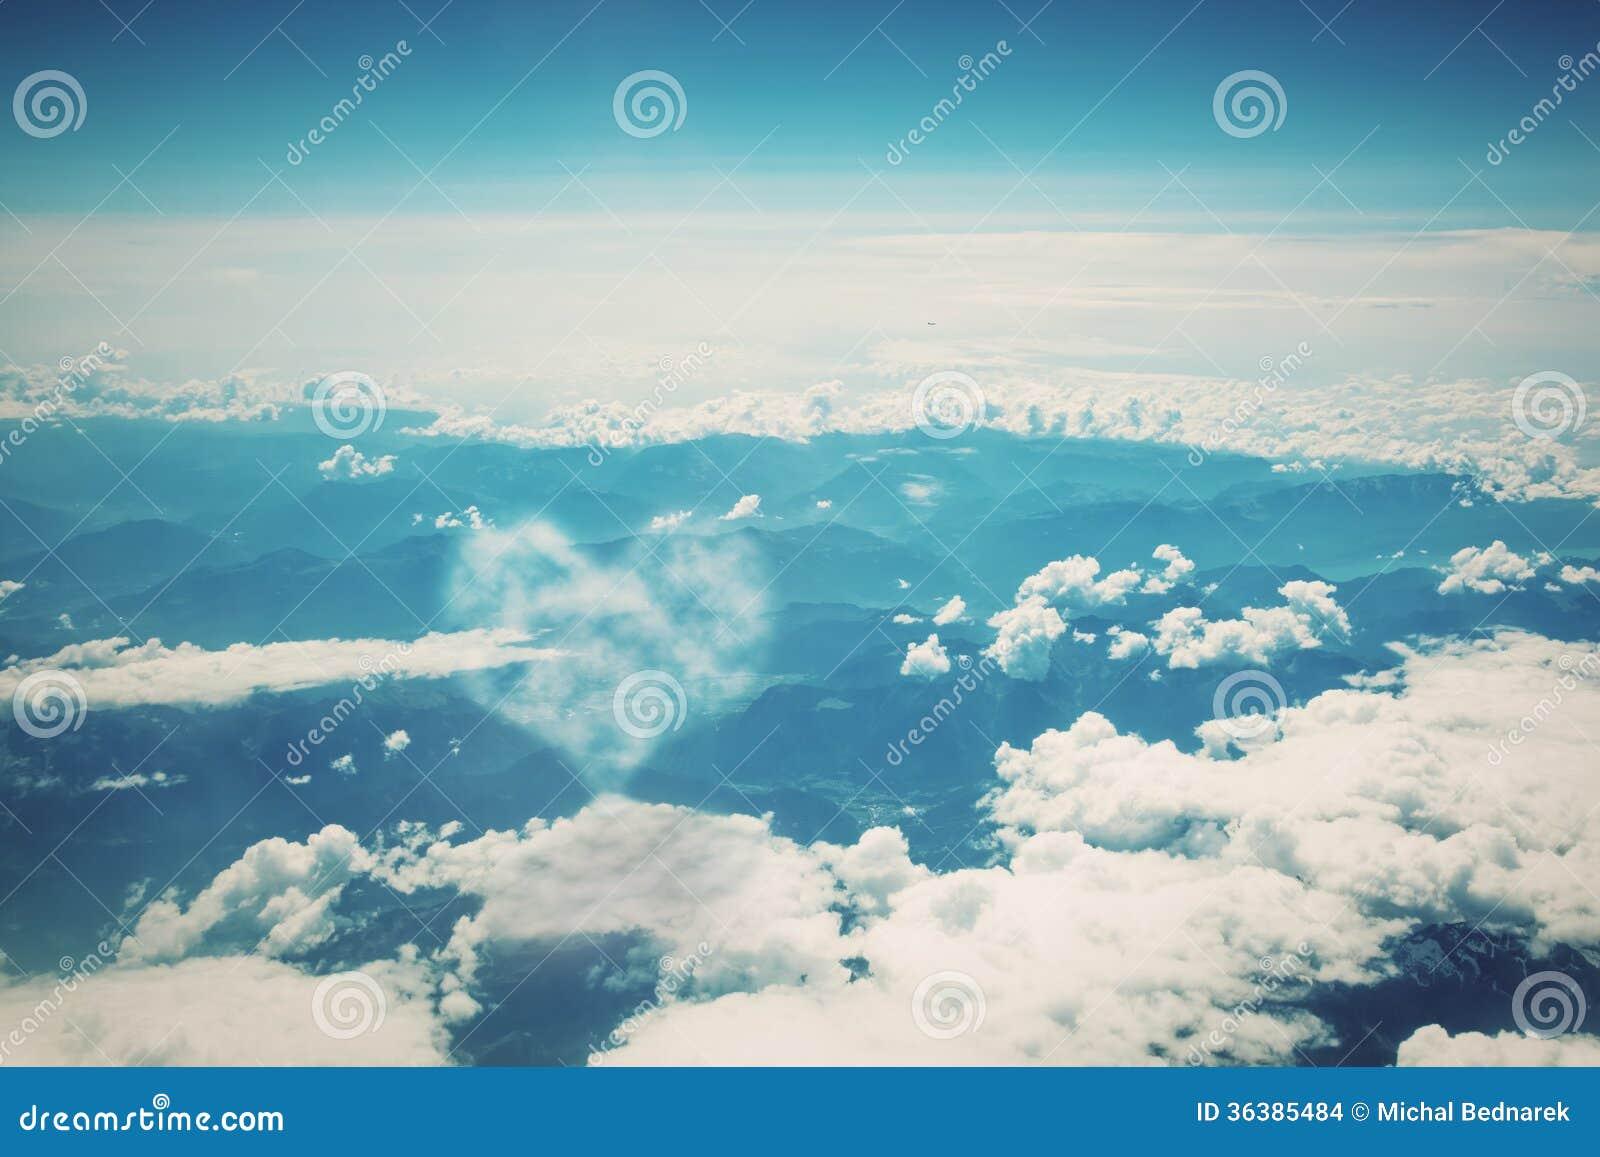 在蓝色晴朗的天空的心形的云彩。